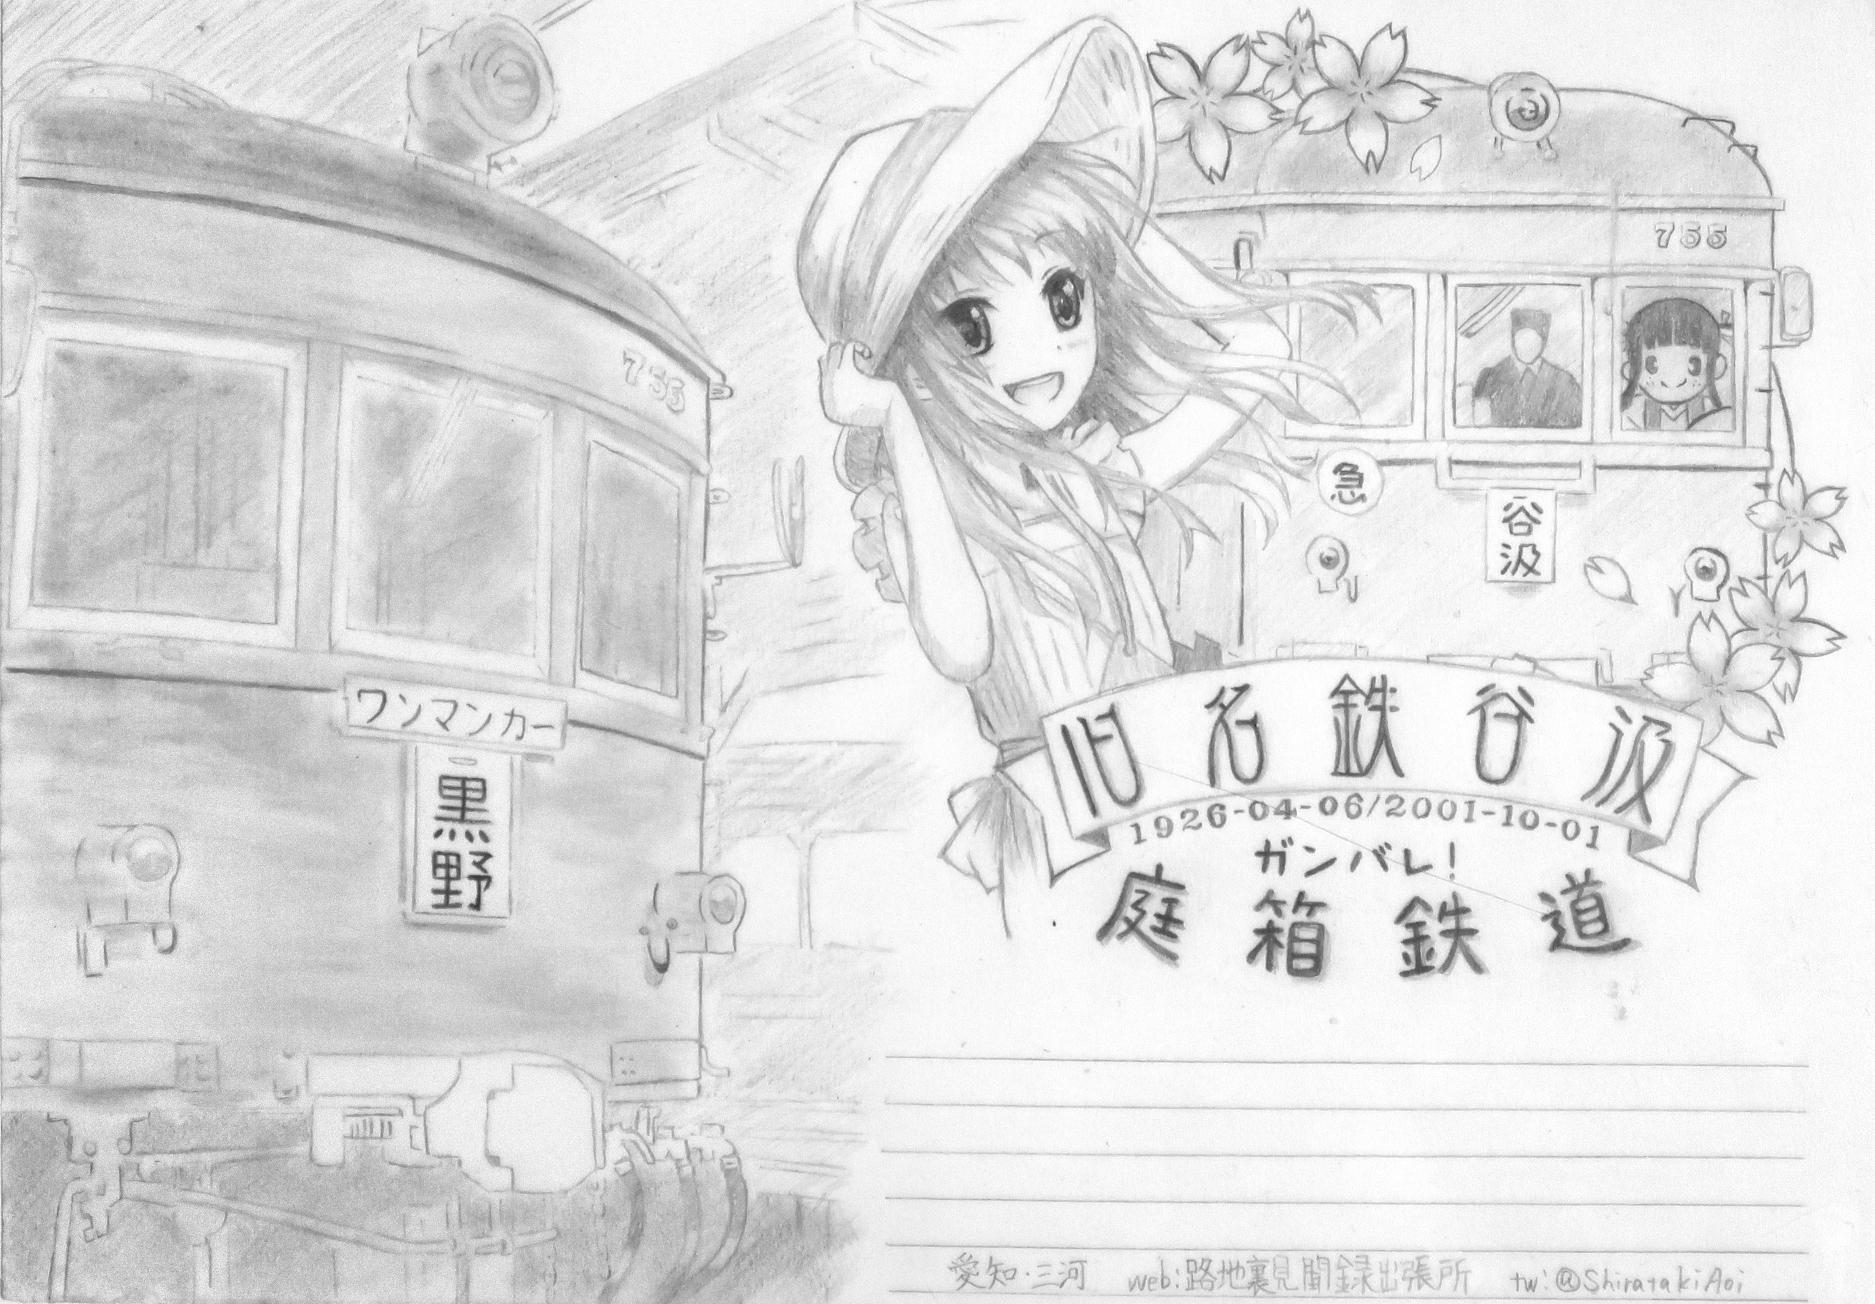 【道の駅平成~旧谷汲駅~池田温泉】記録も記憶も残せ